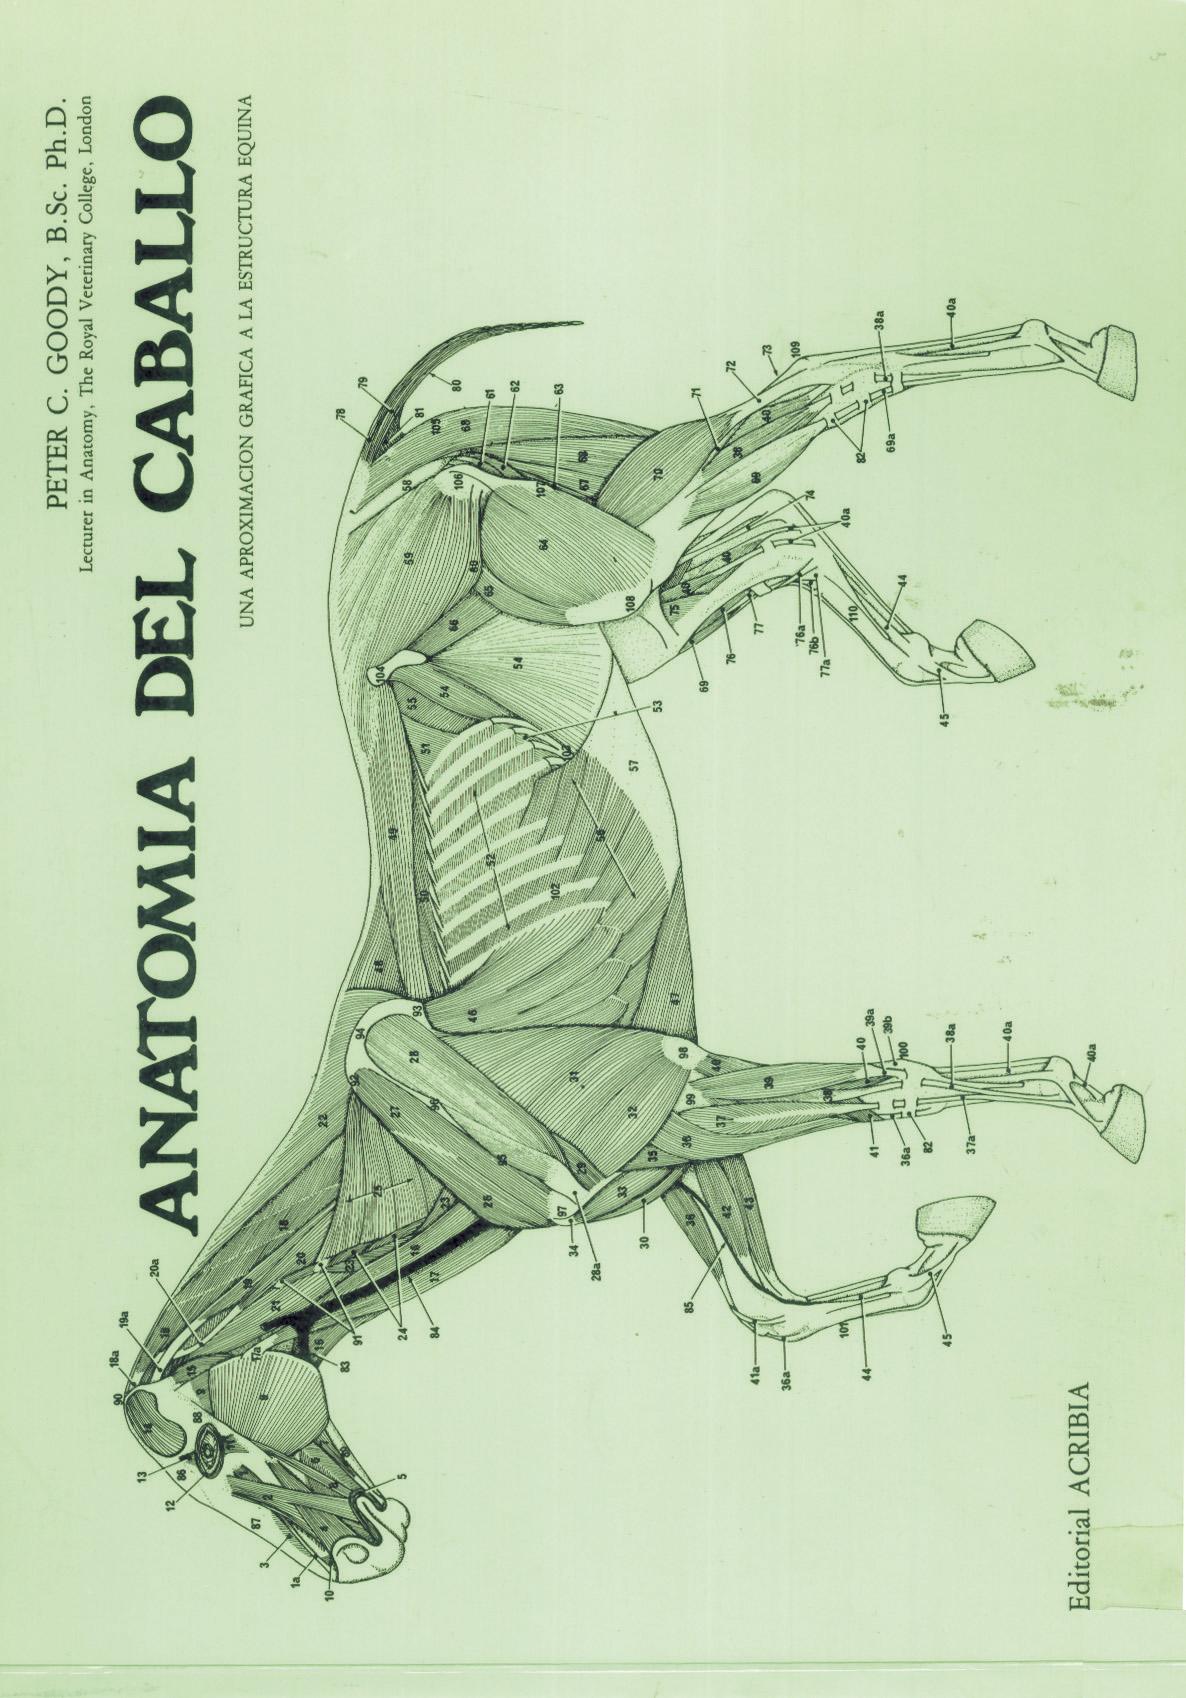 Anatomía del caballo - Editorial Acribia, S.A.